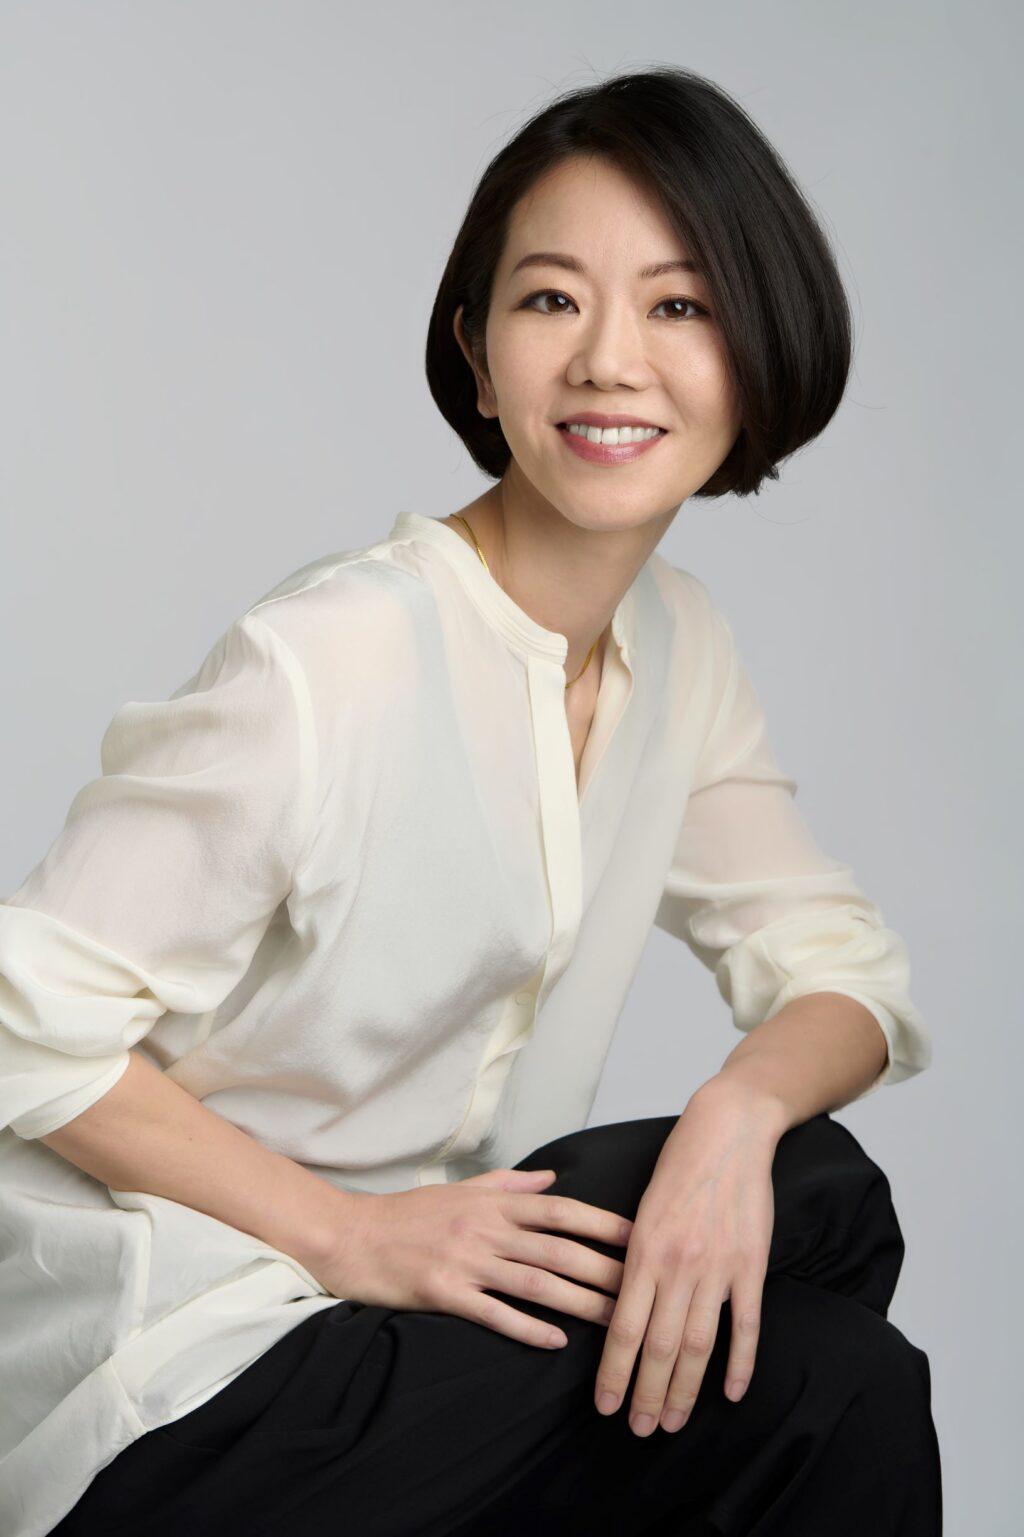 鶴田淳子 プロフィール